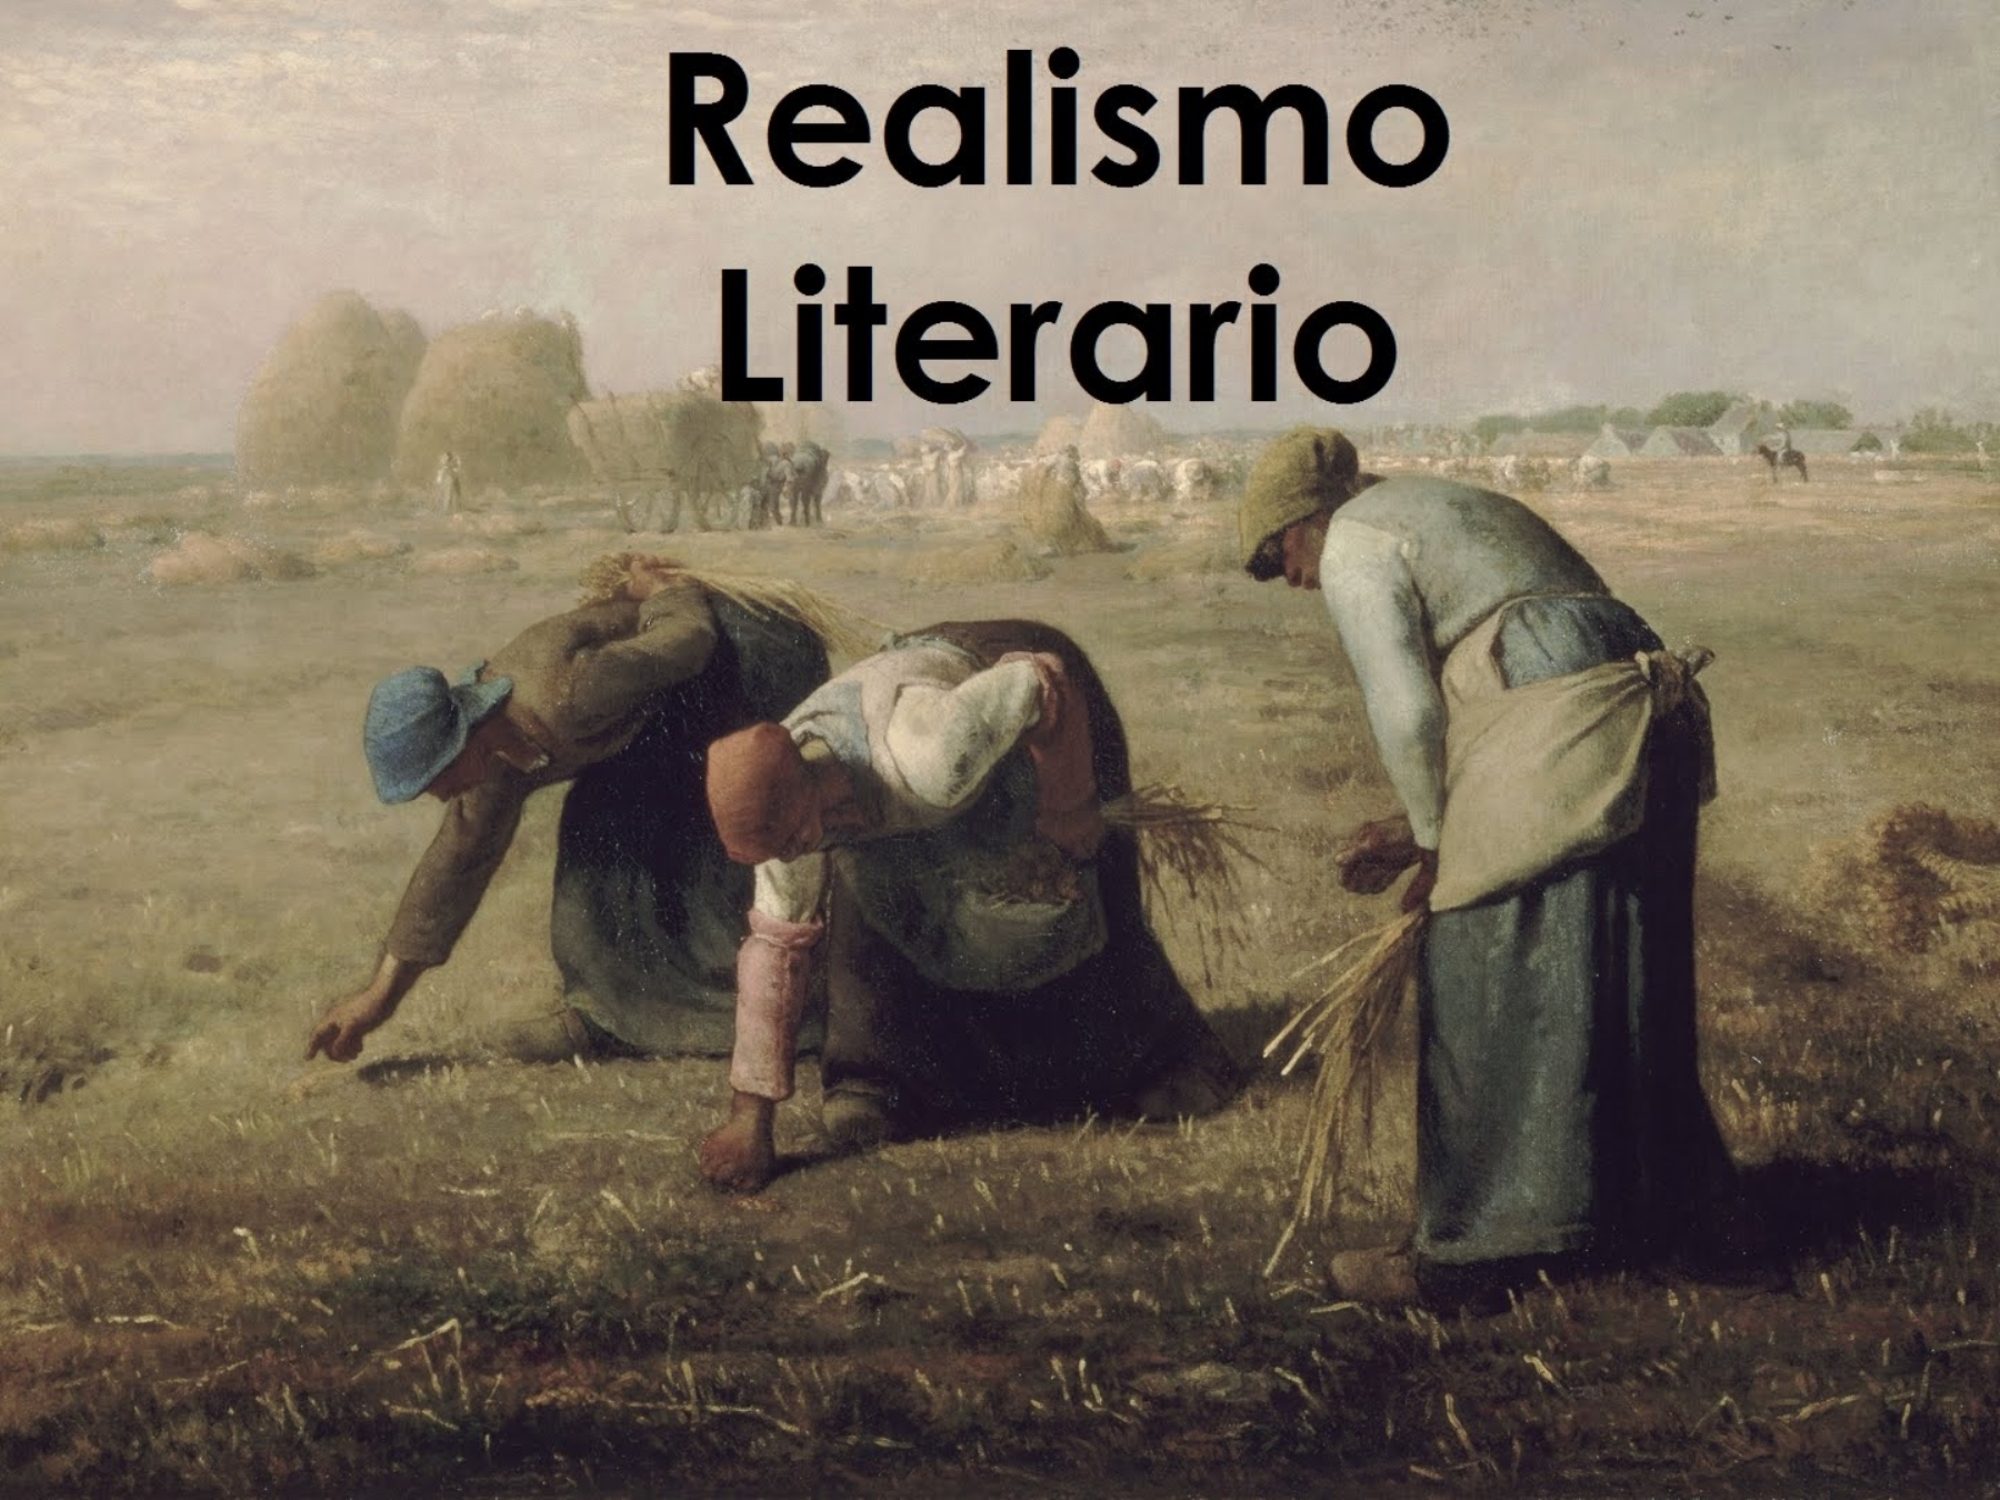 El realismo literario